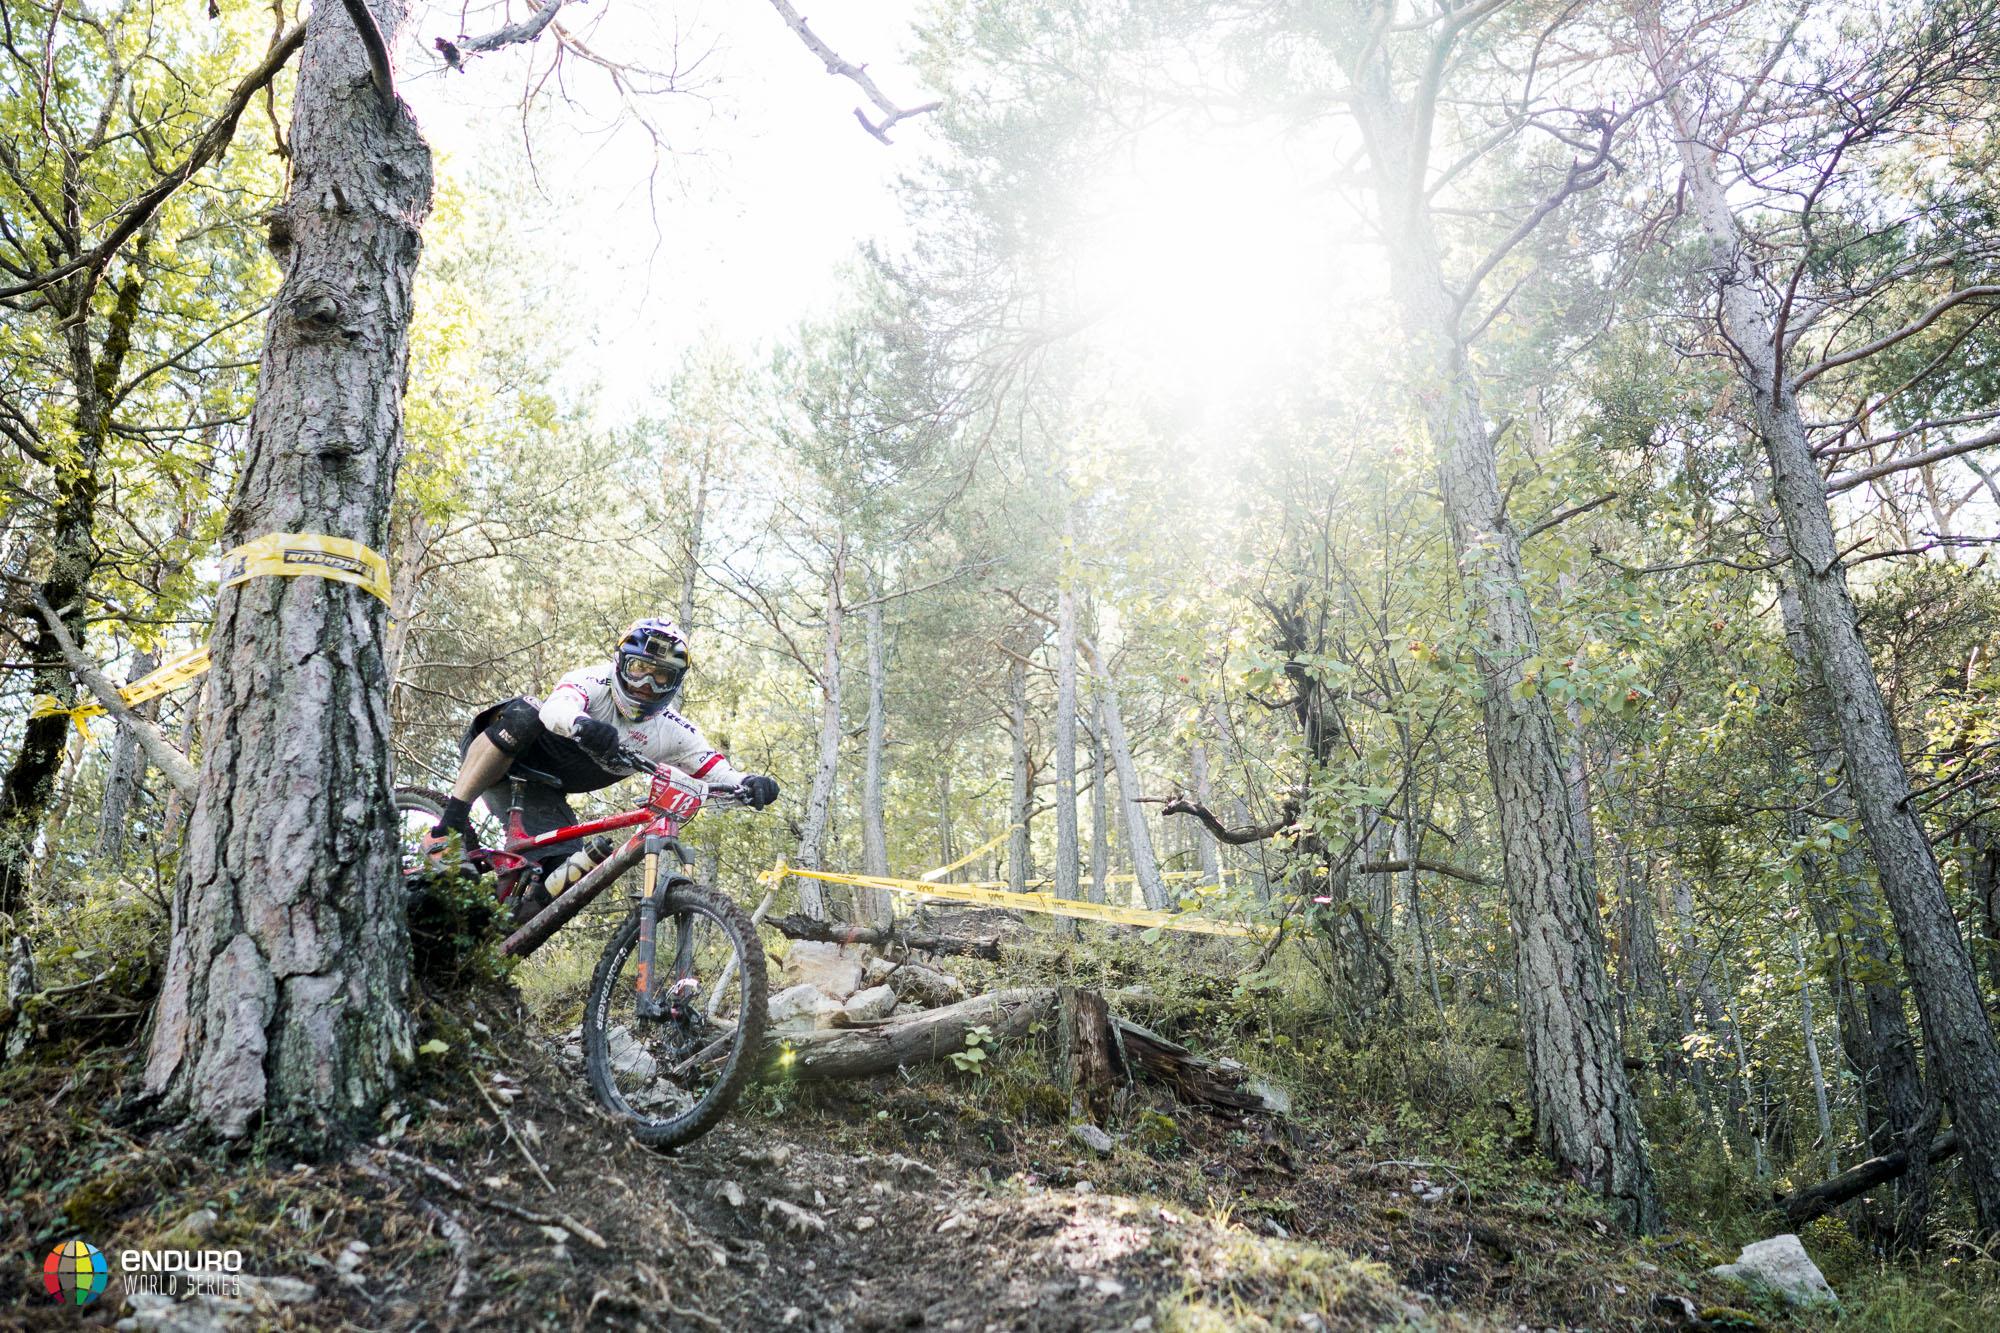 Rene Wildhaber wrestles his bike around a line